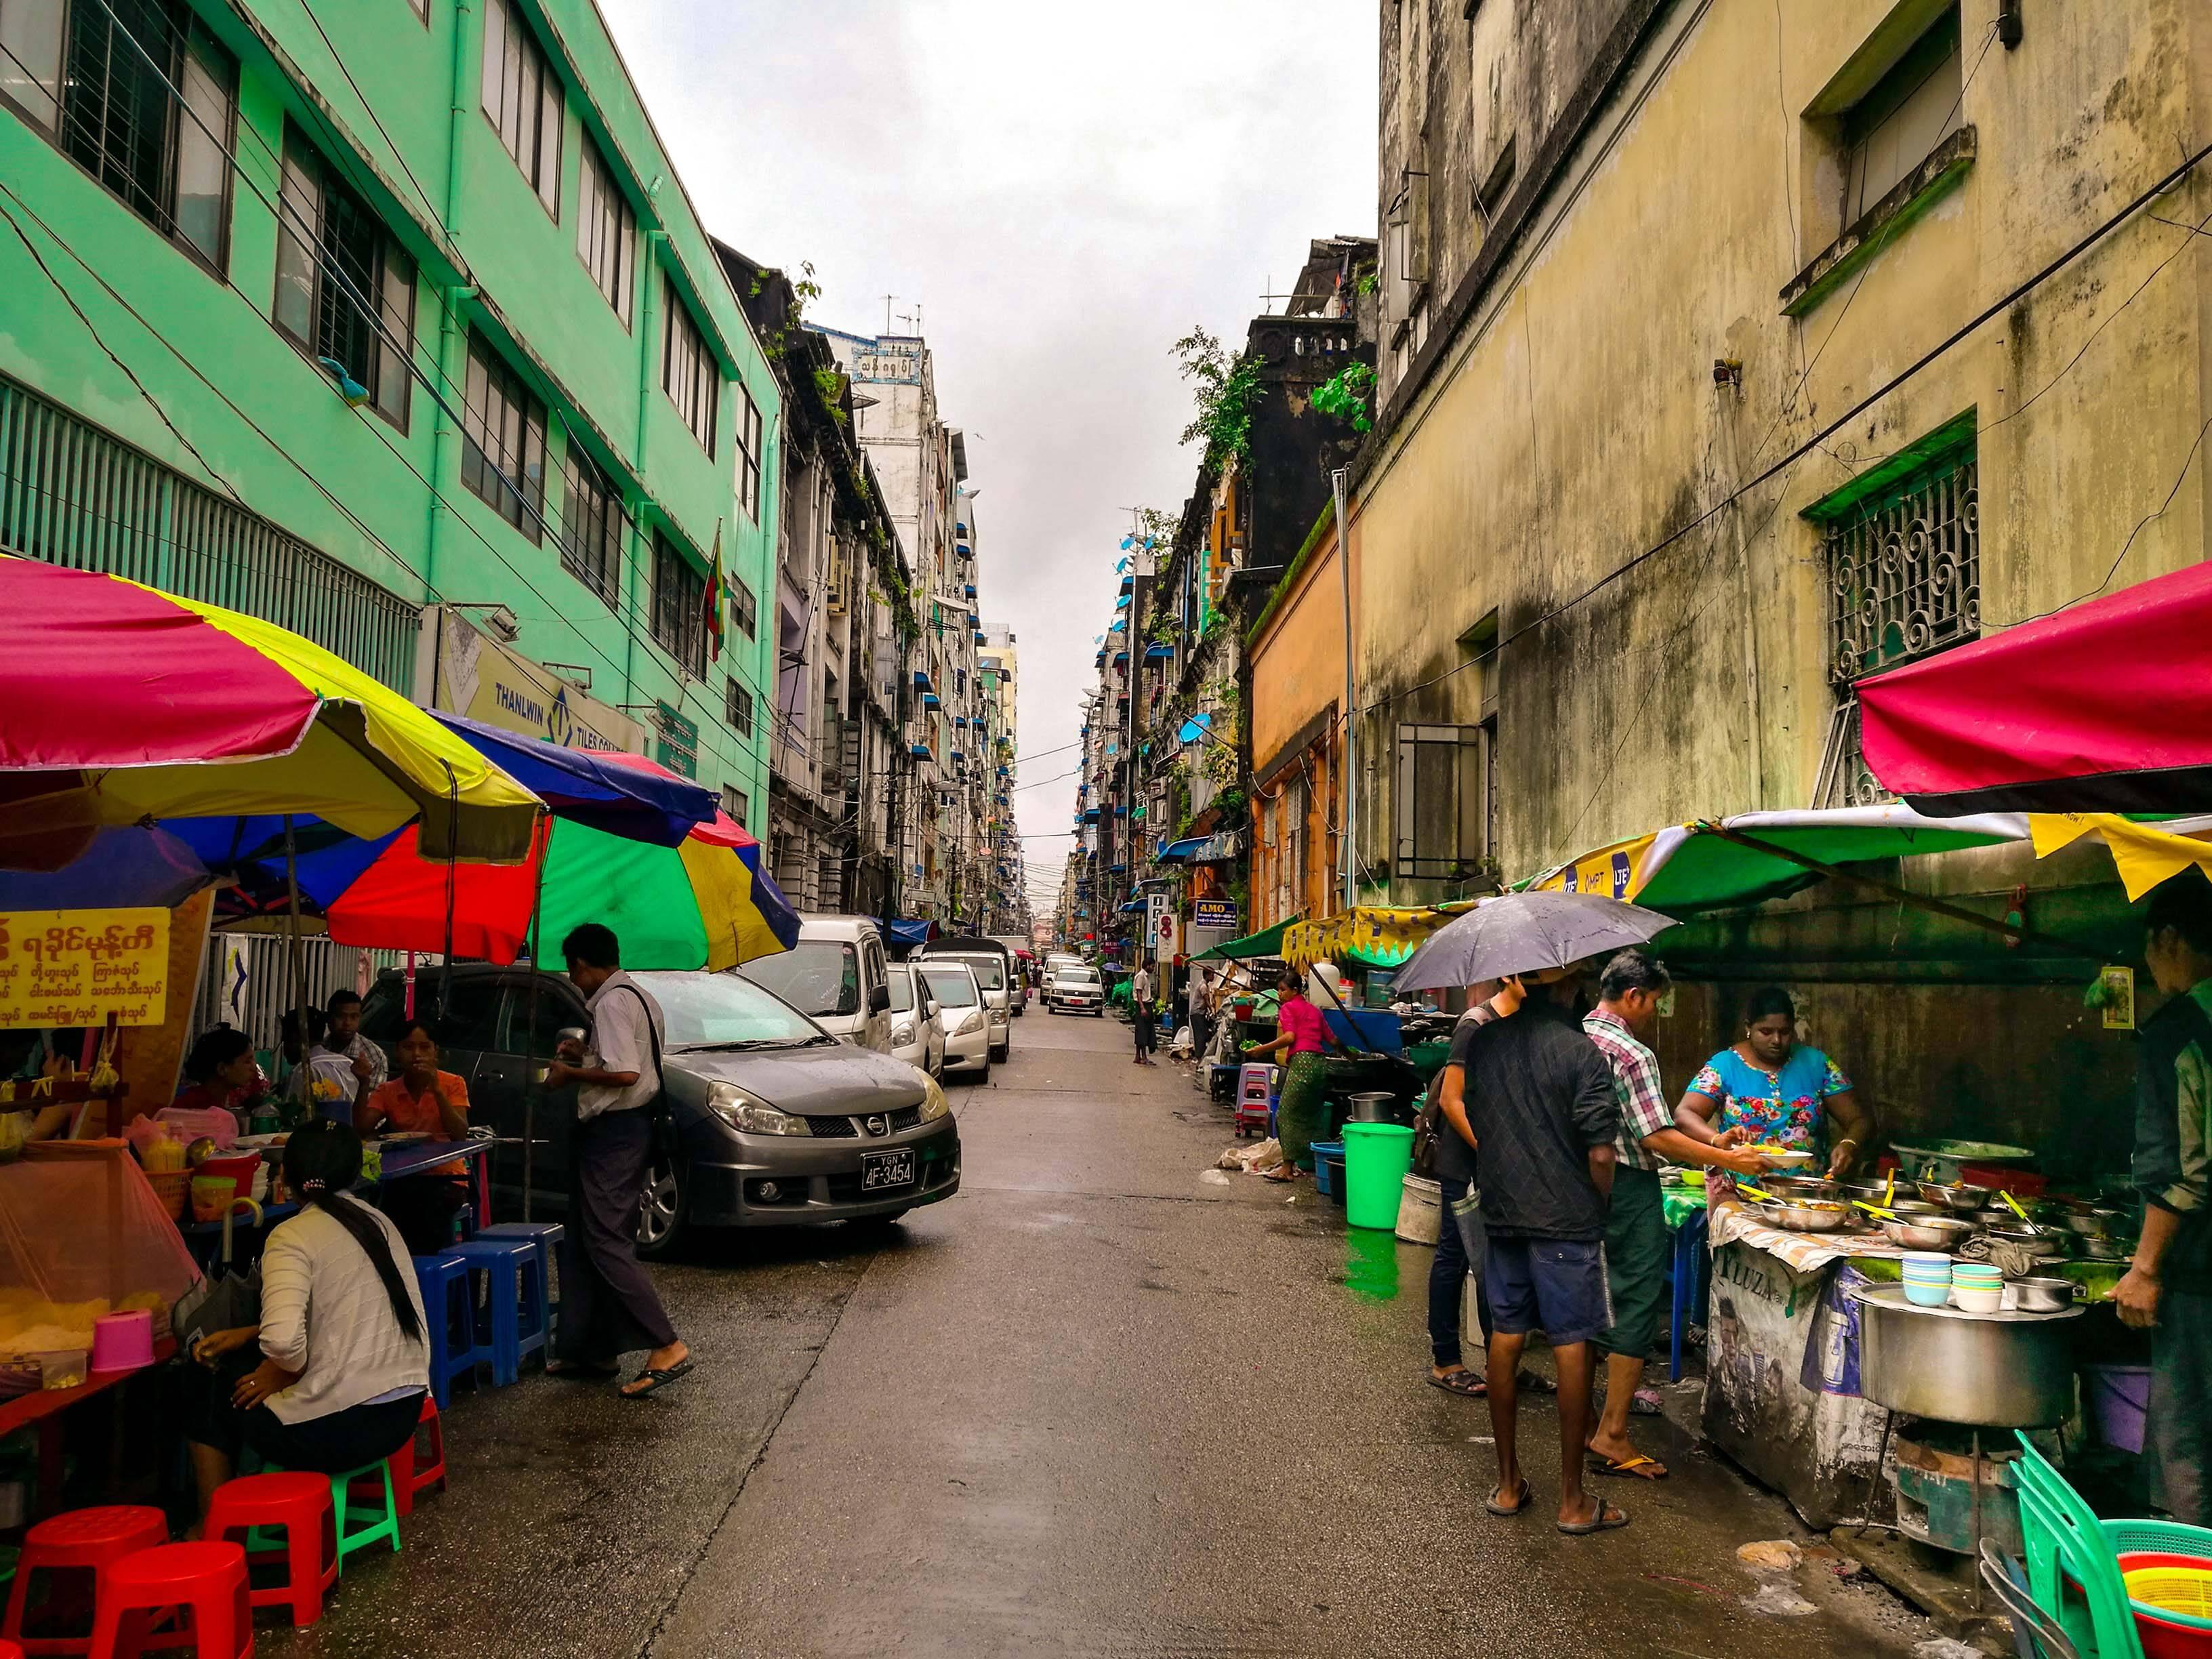 Rua super típica de Yangon, o núcleo financeiro do Myanmar - cidades do Myanmar